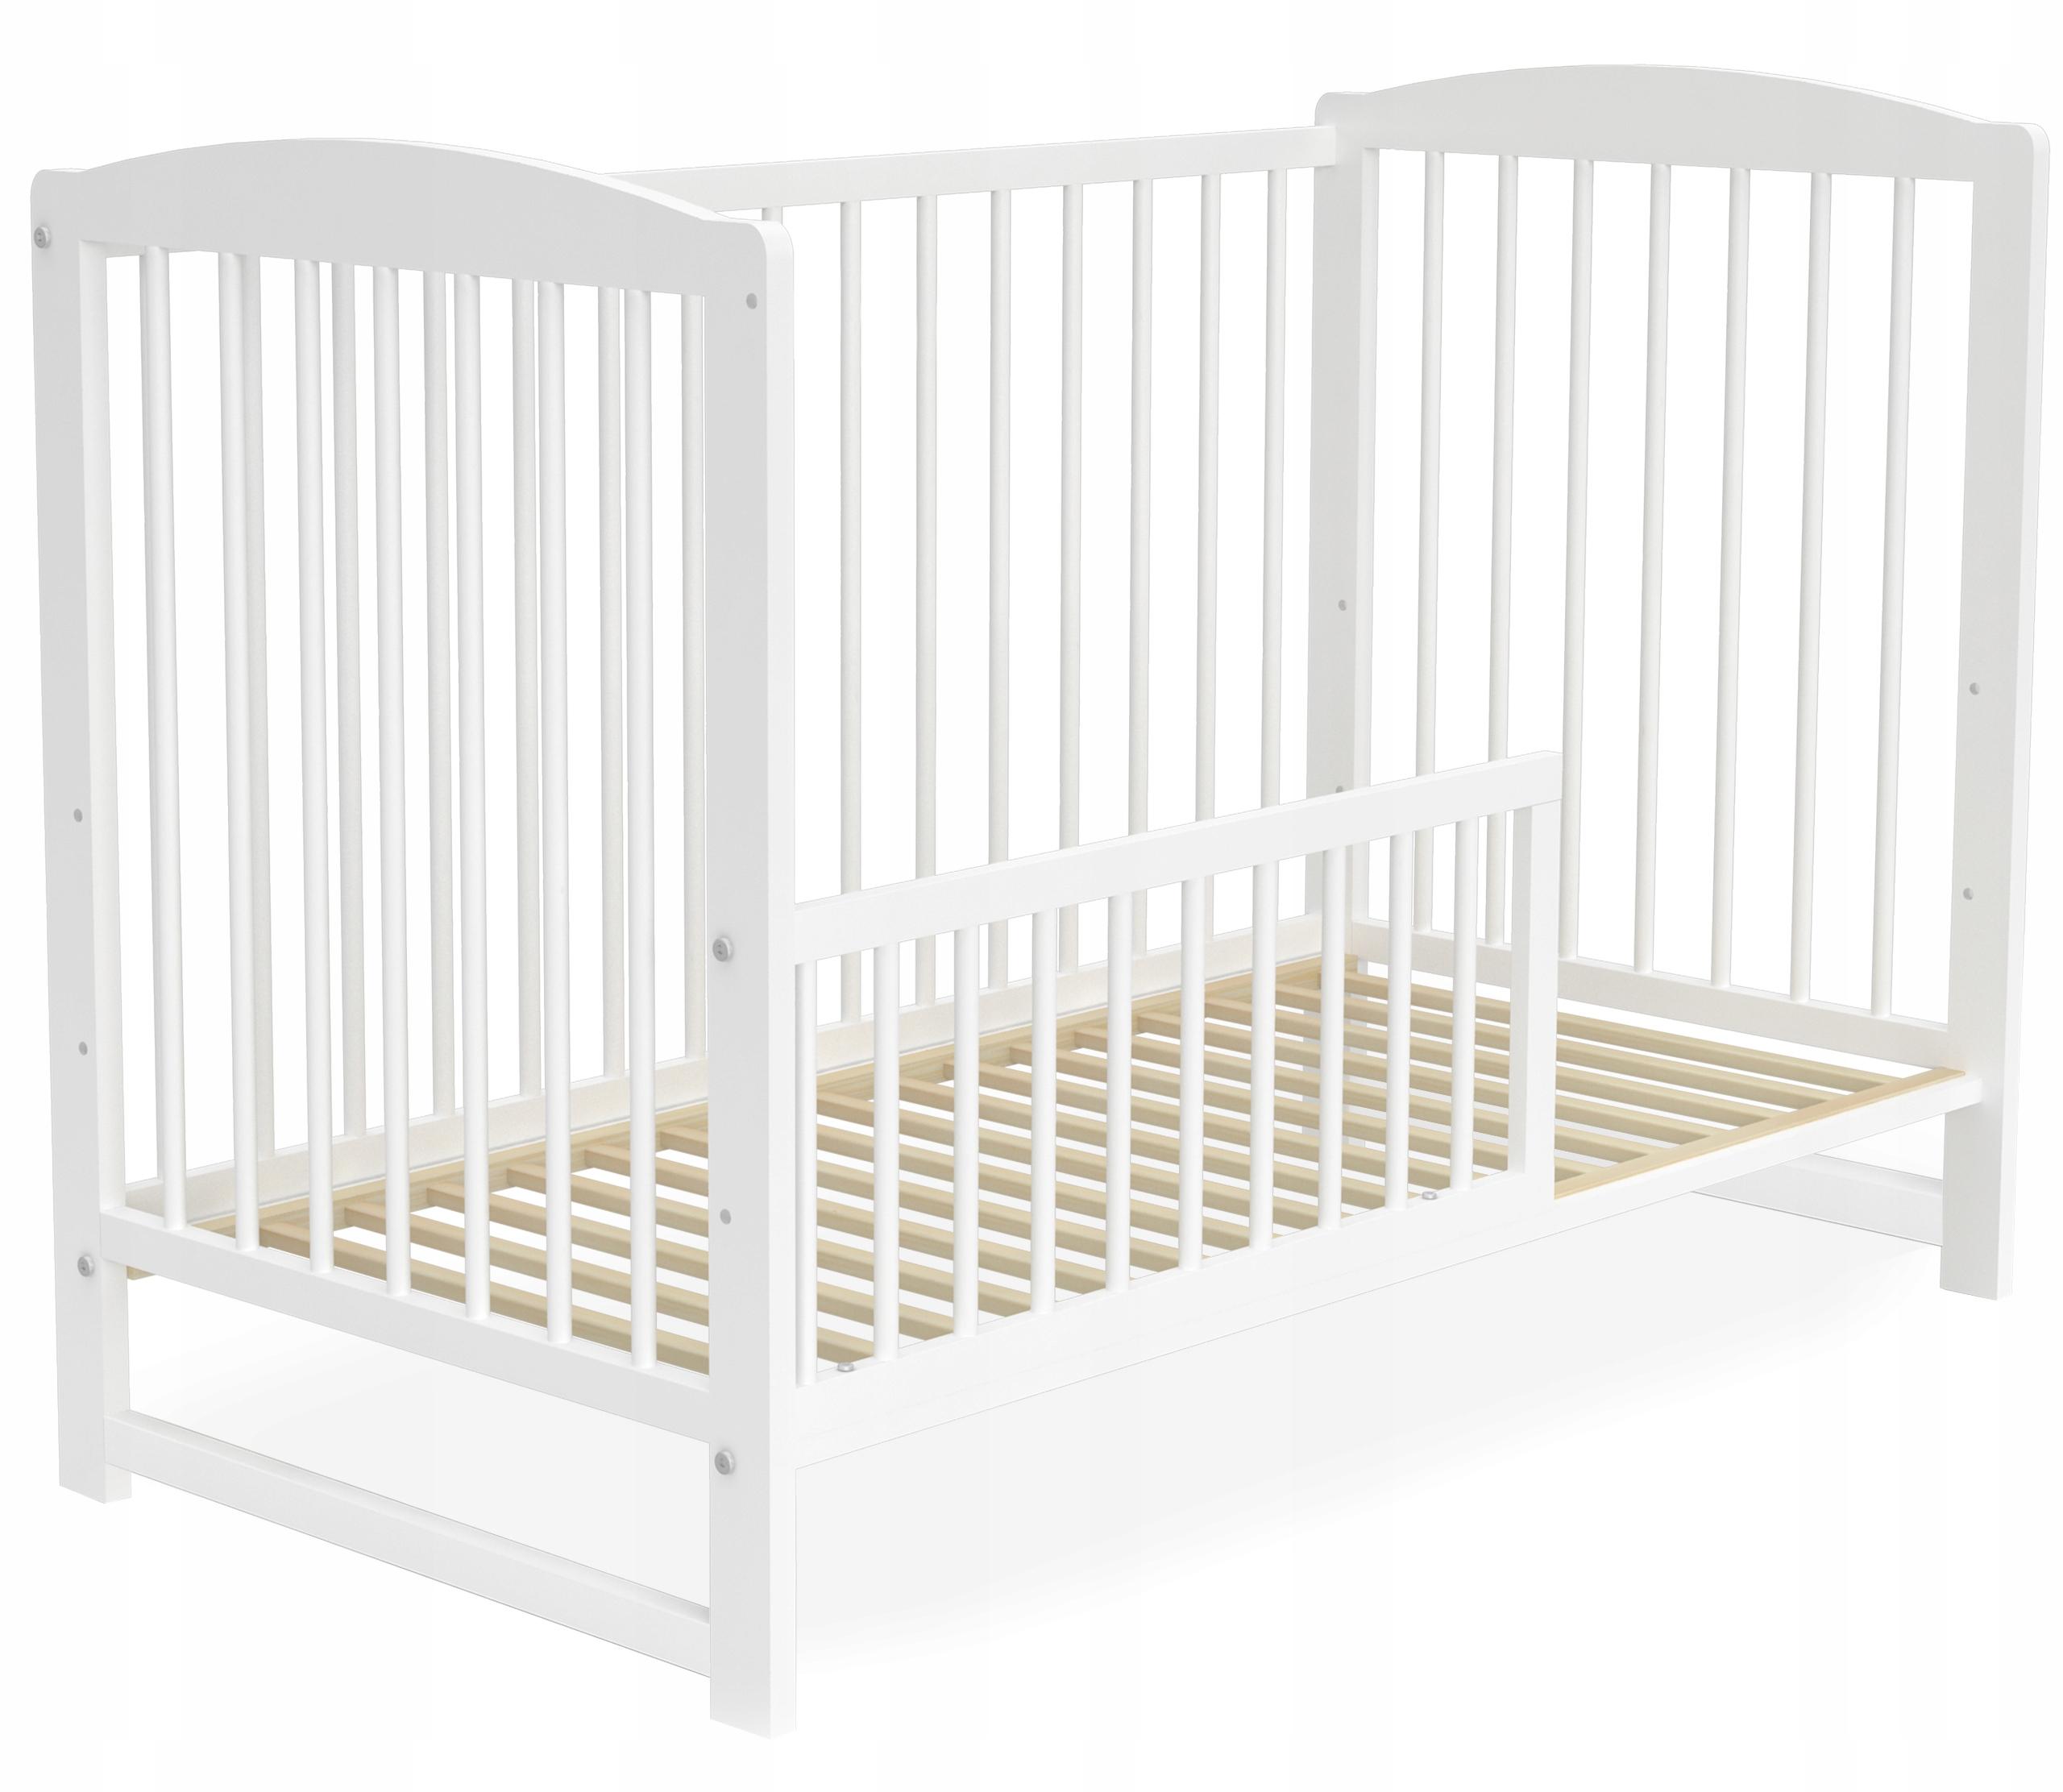 Łóżeczko dziecięce 60x120 cm ADAŚ białe 2w1 Kod producenta T-ADAB-X-060-120-BIA-BIA-X-X-SD